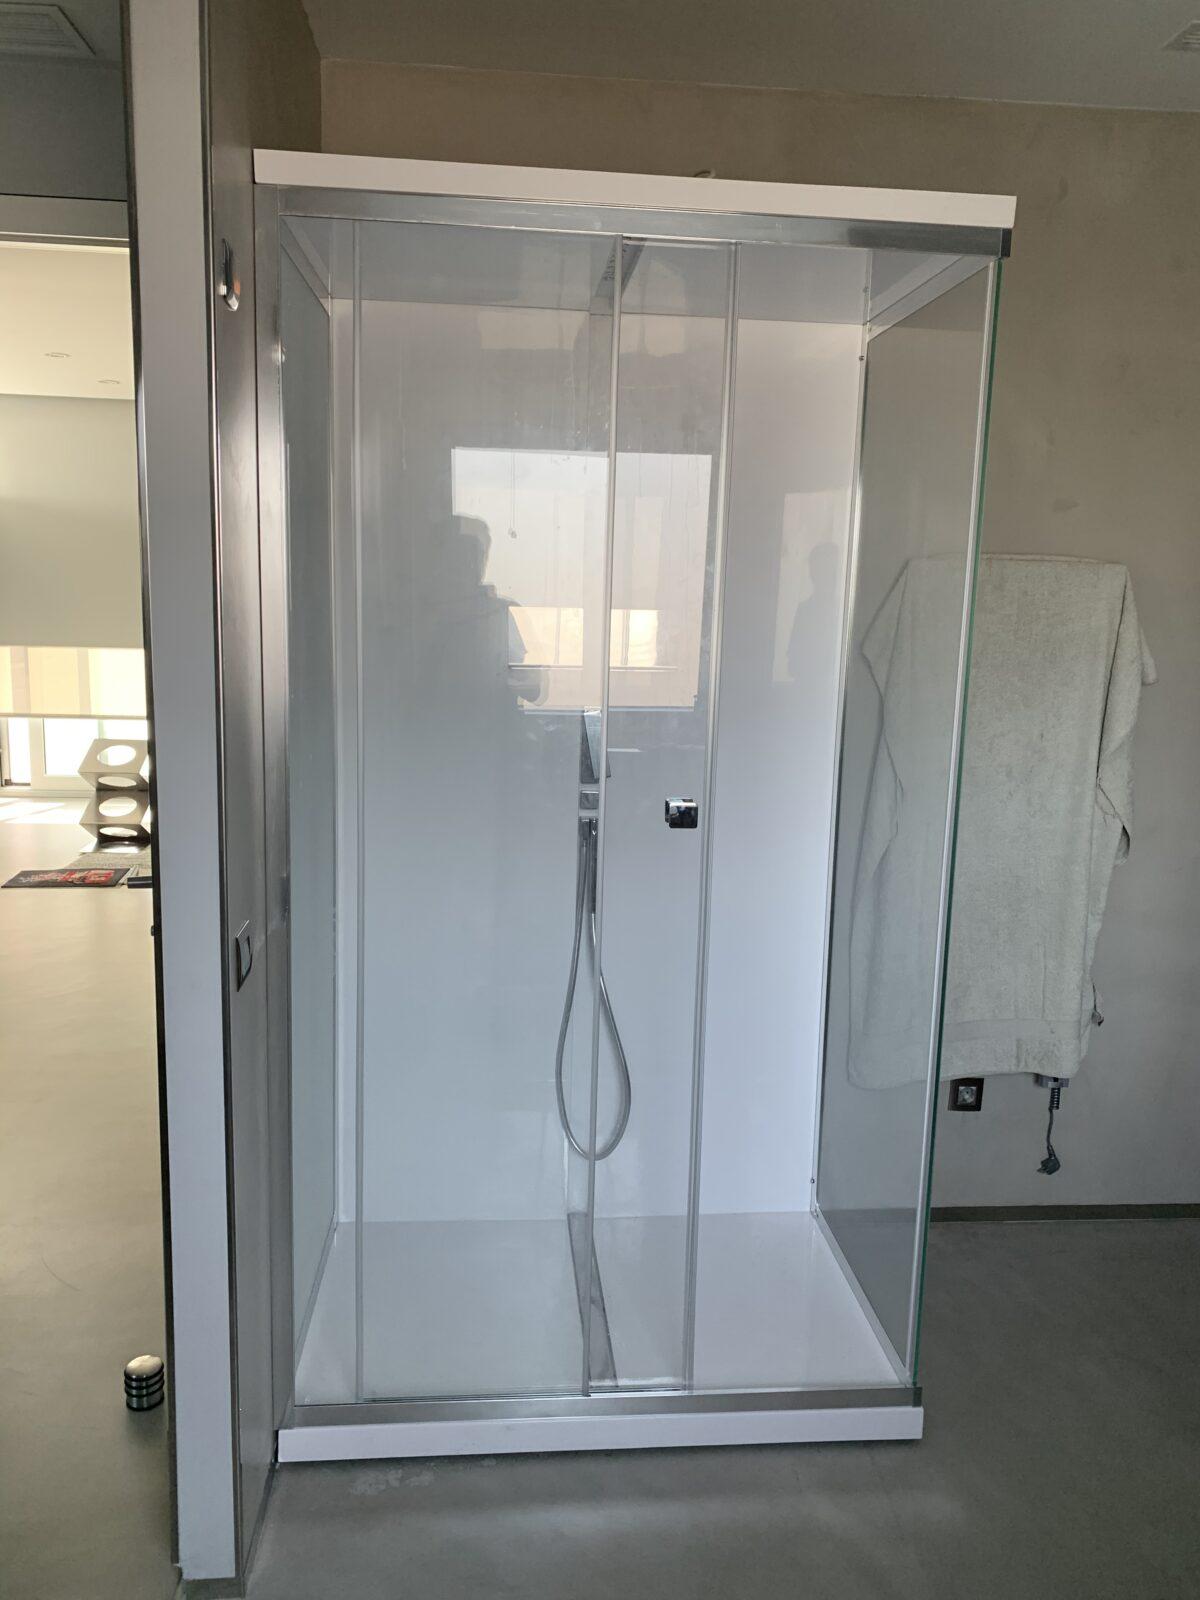 Cabina de Ducha TREESSE modelo Scuretto 812